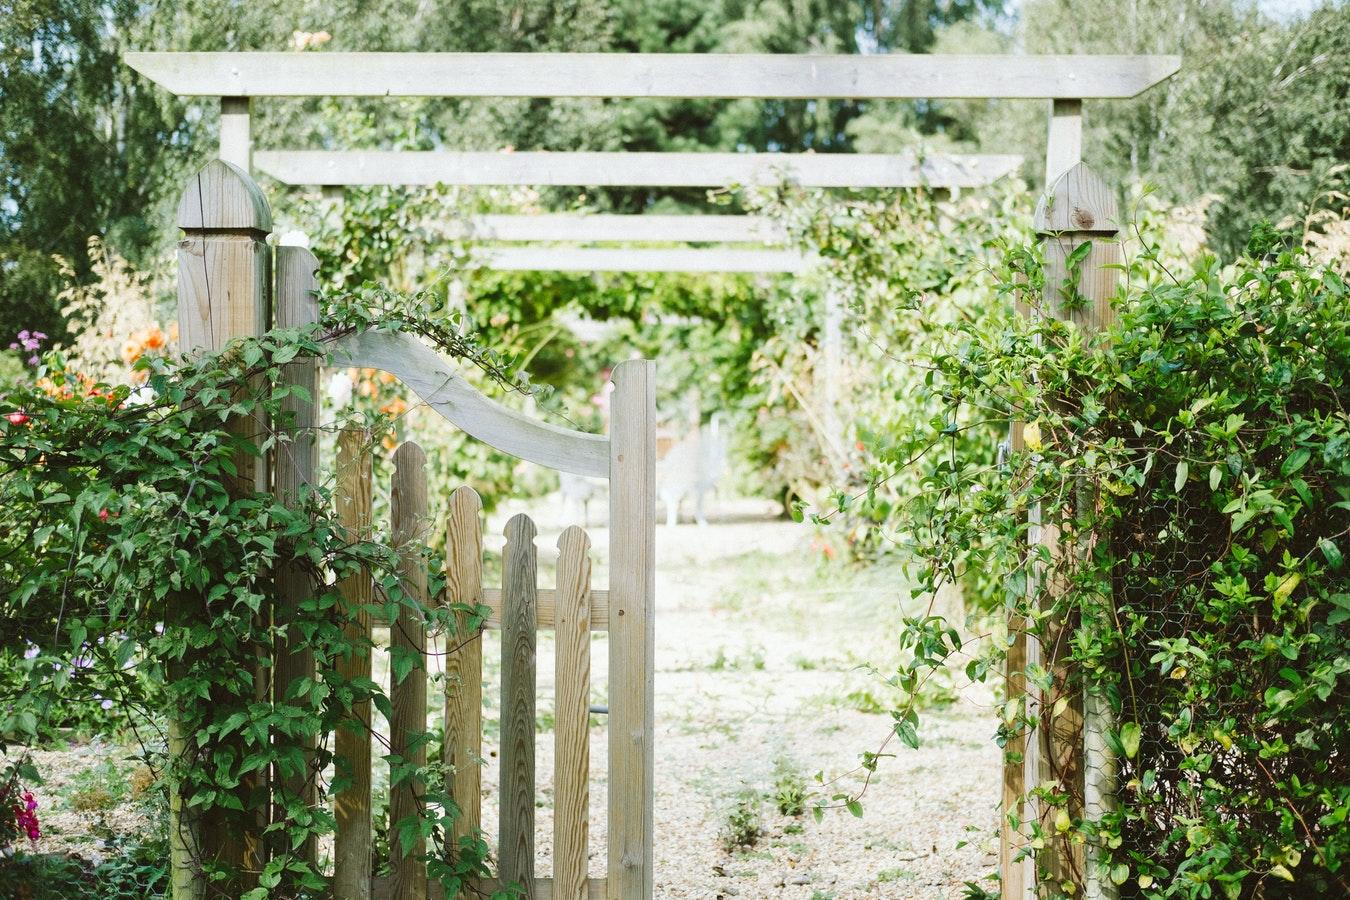 Photo of a Garden Gate